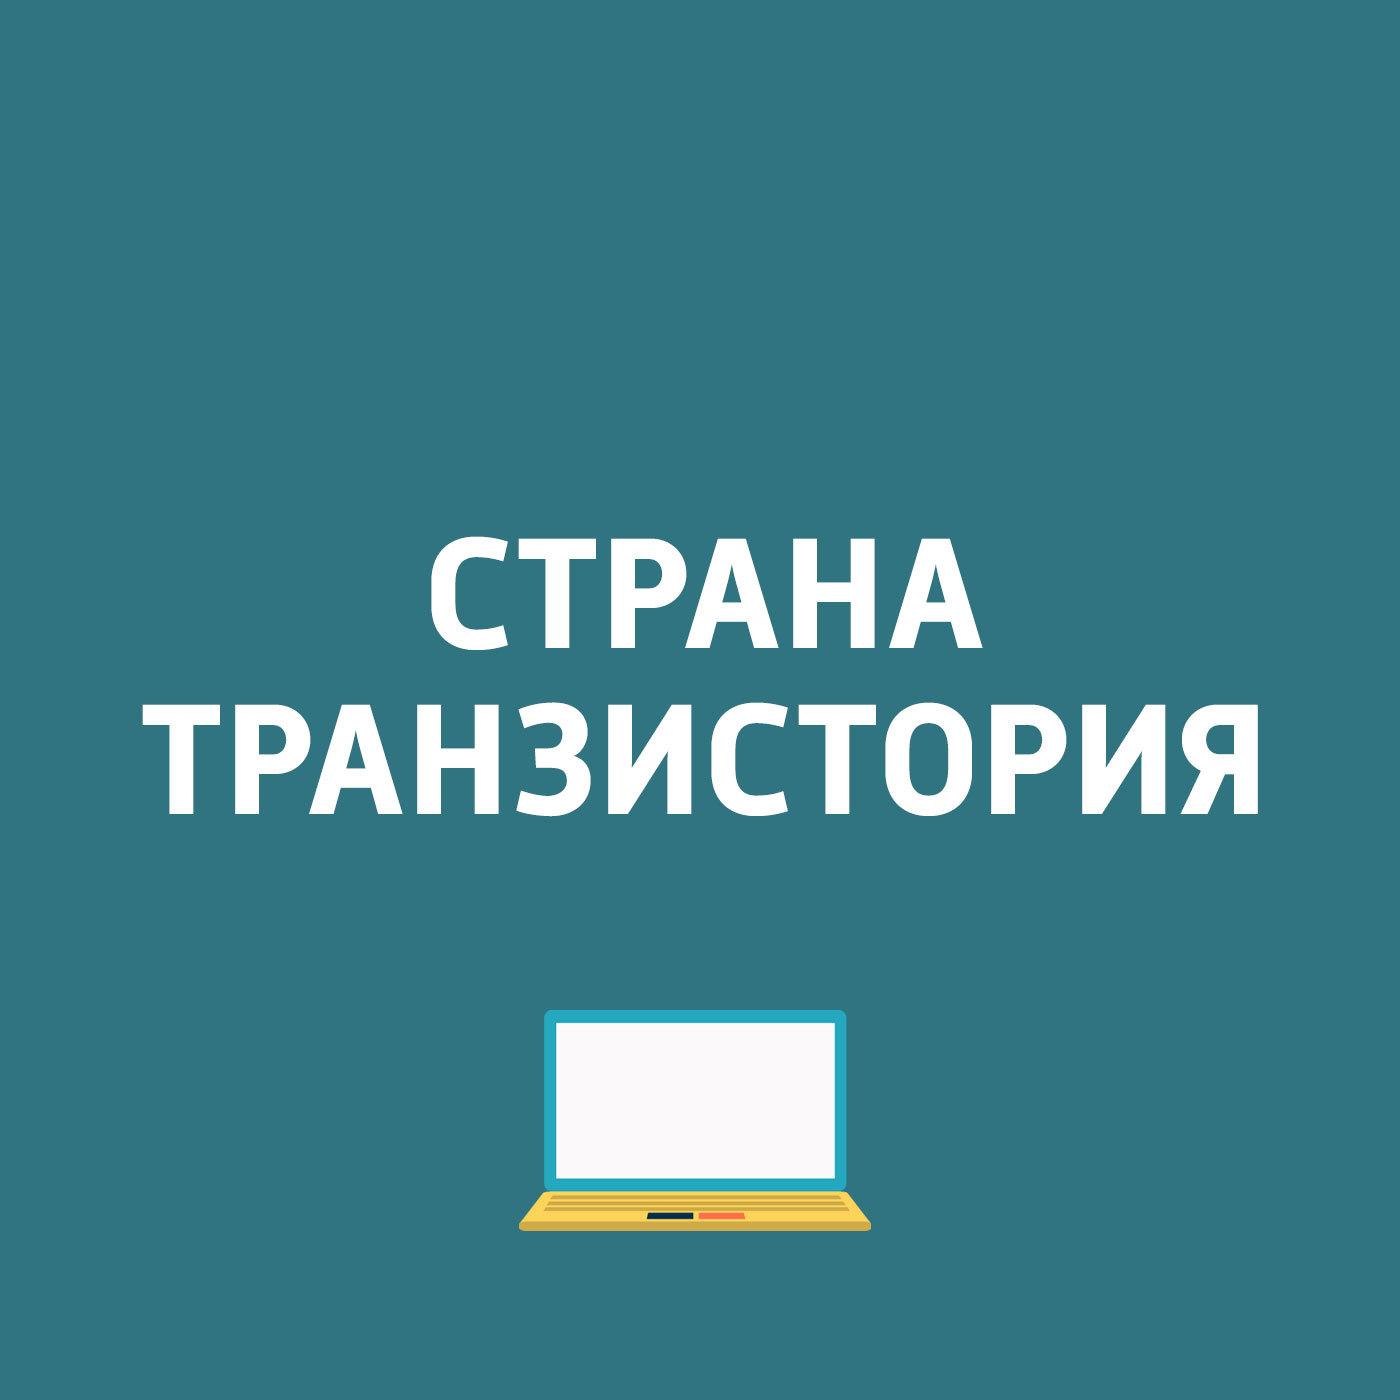 Картаев Павел Начало продаж Nokia 8110 4G; ASUS представила новые игровые ноутбуки; Apple анонсировала iOS 12 ноутбуки фуджитсу